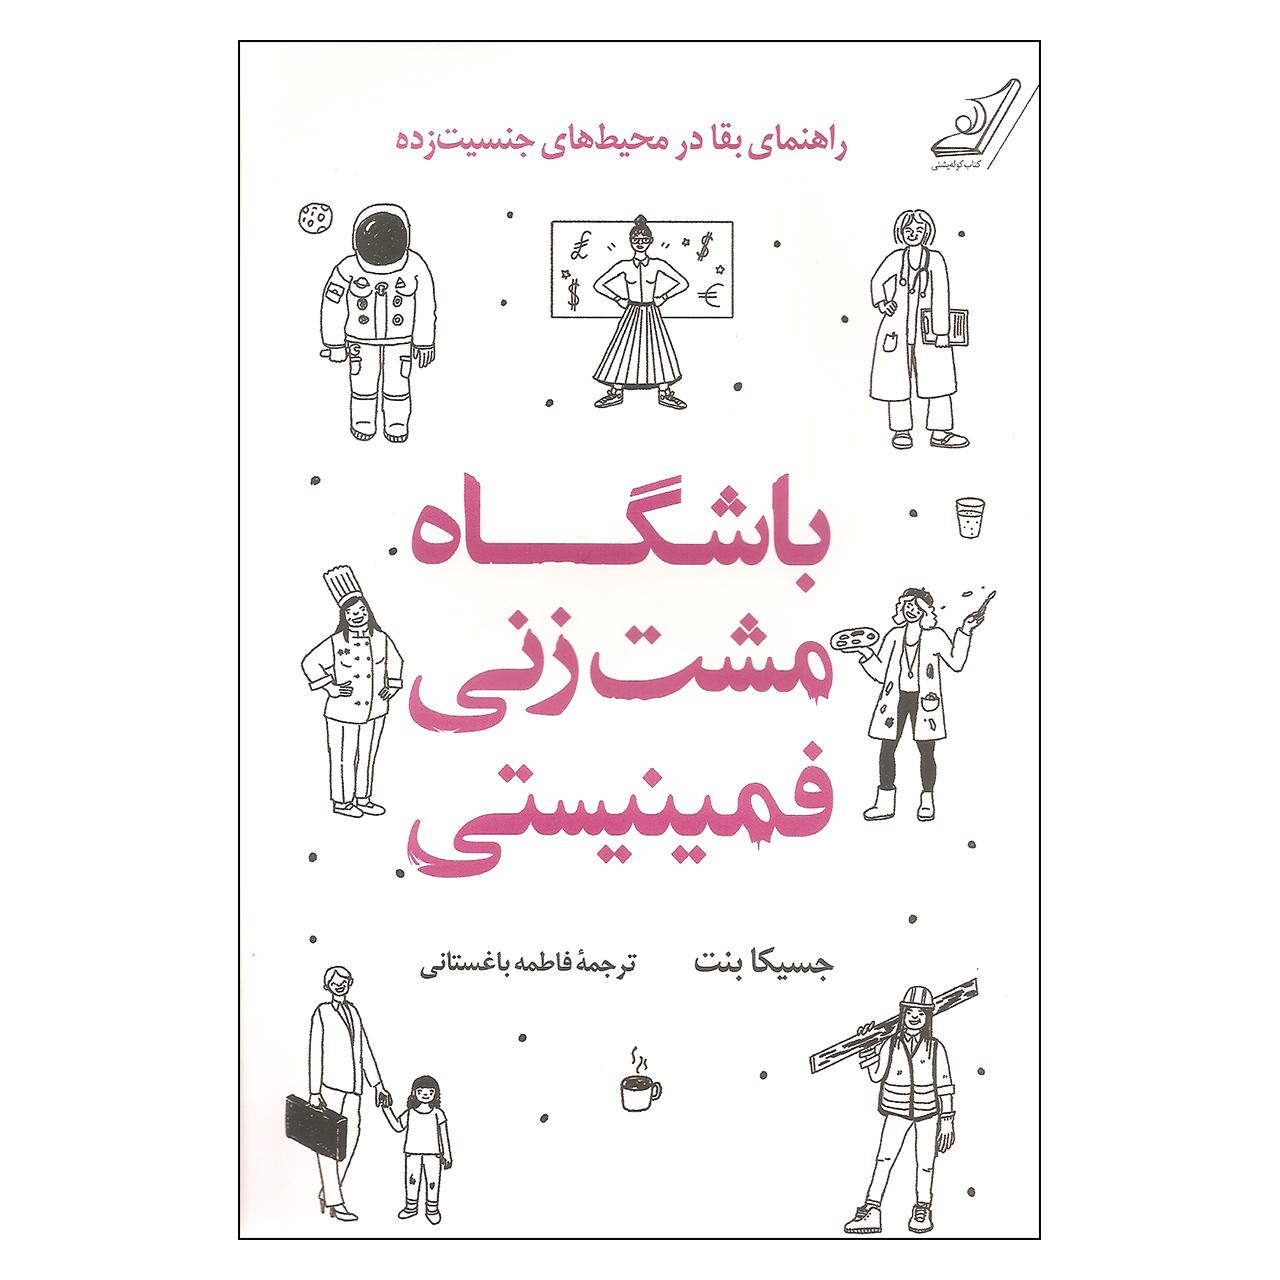 خرید                      کتاب باشگاه مشت زنی فمینیستی اثر جسیکا بنت انتشارات کتاب کوله پشتی